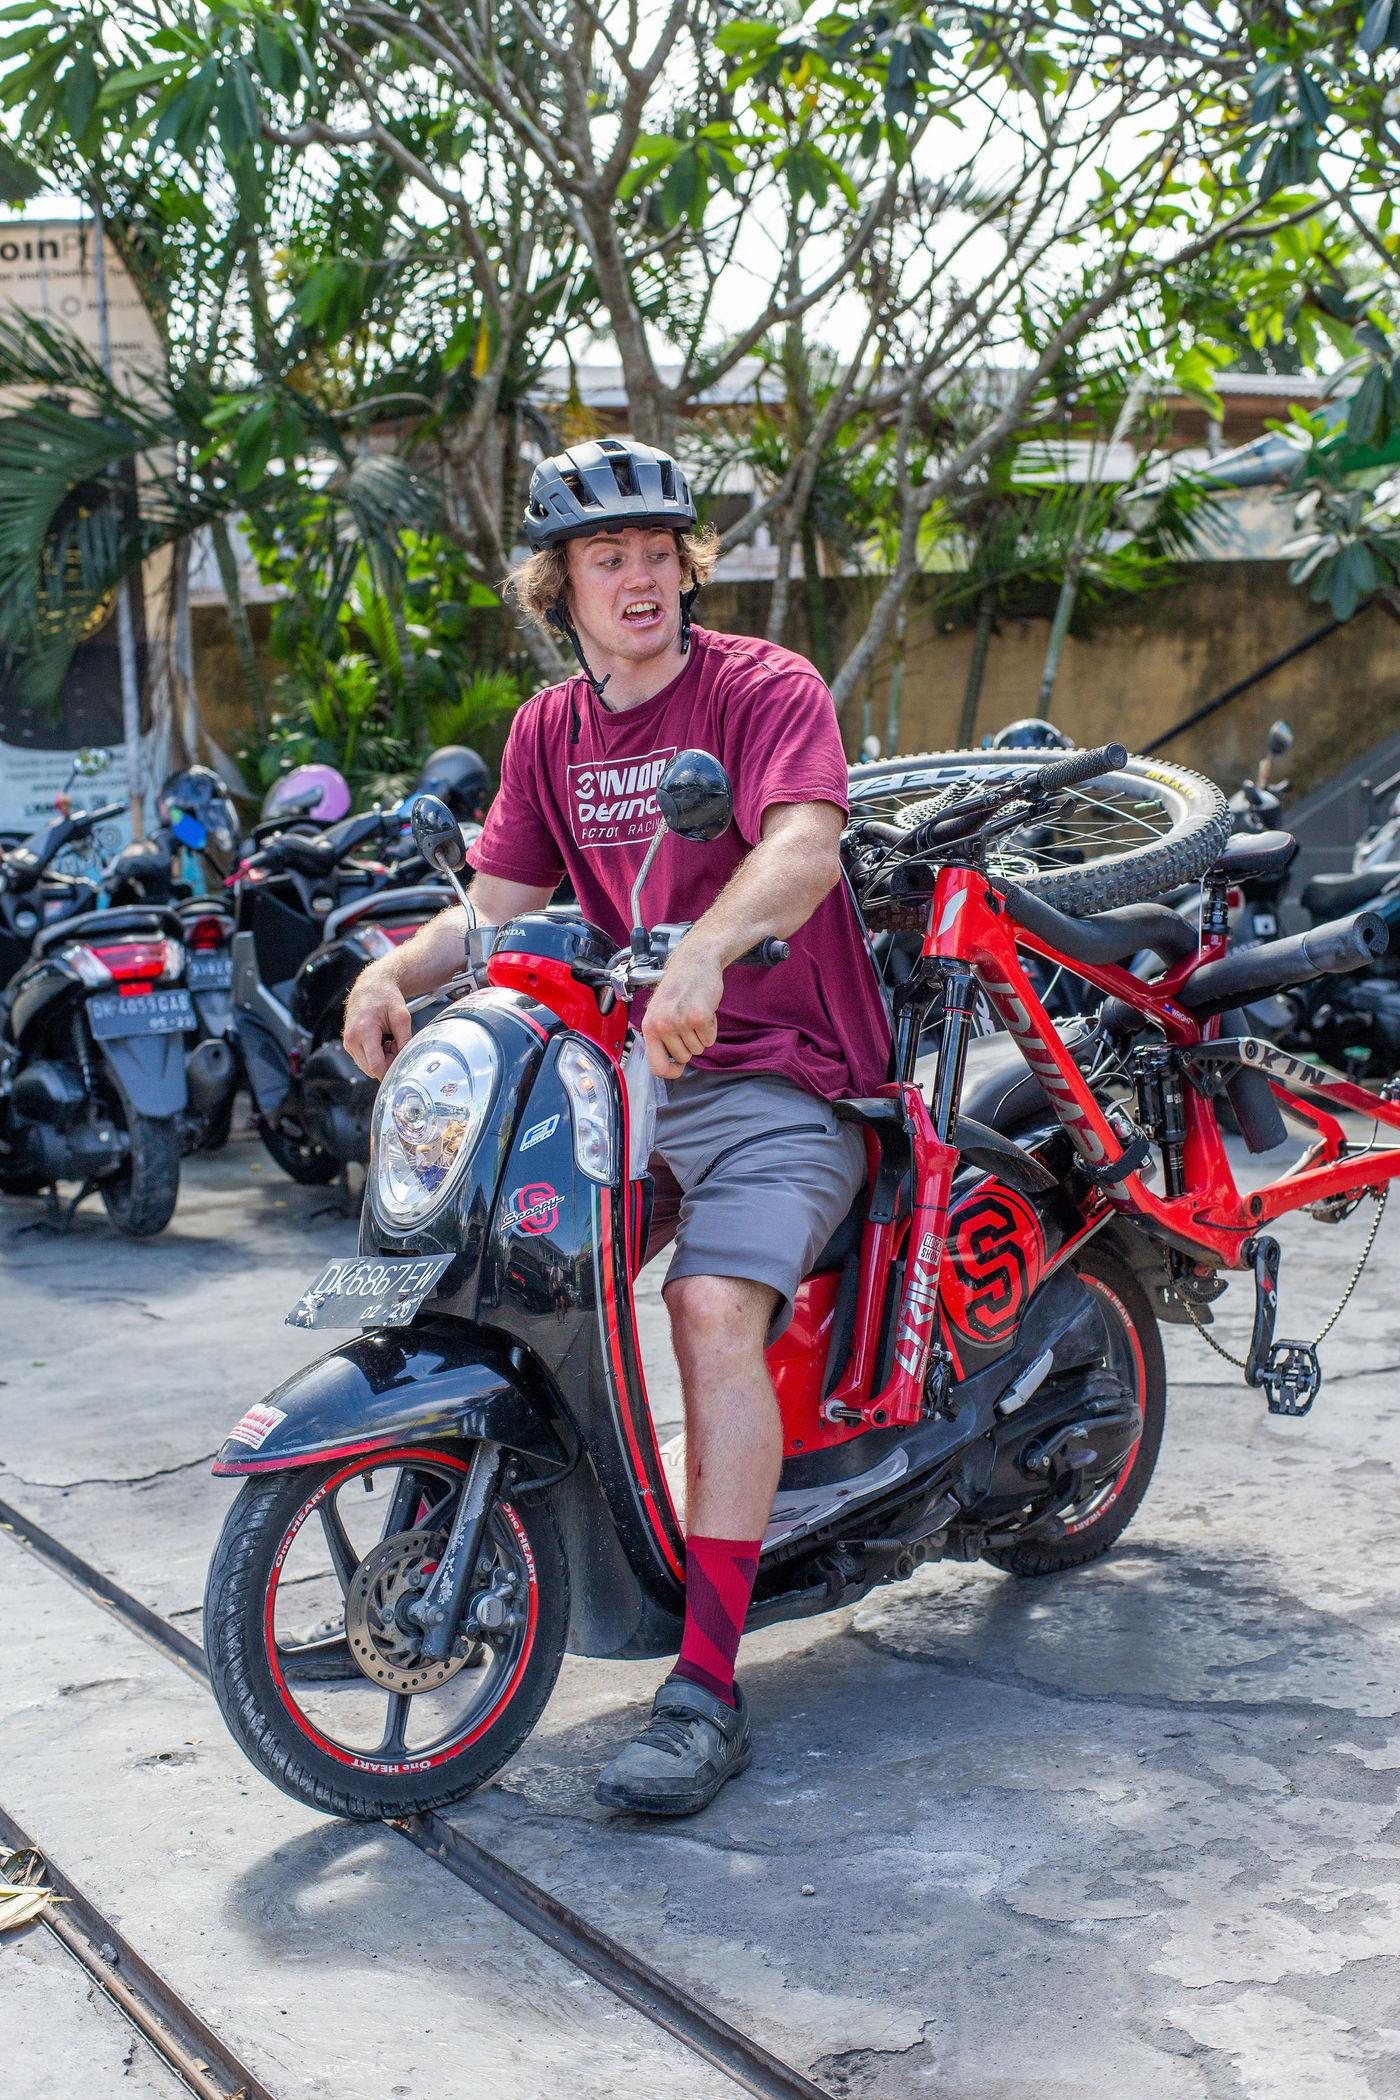 TheWrightLine-Bali-Stills-11-1400x2100-2e50a747-8555-42f8-9c11-7e4ecd380e96.jpg